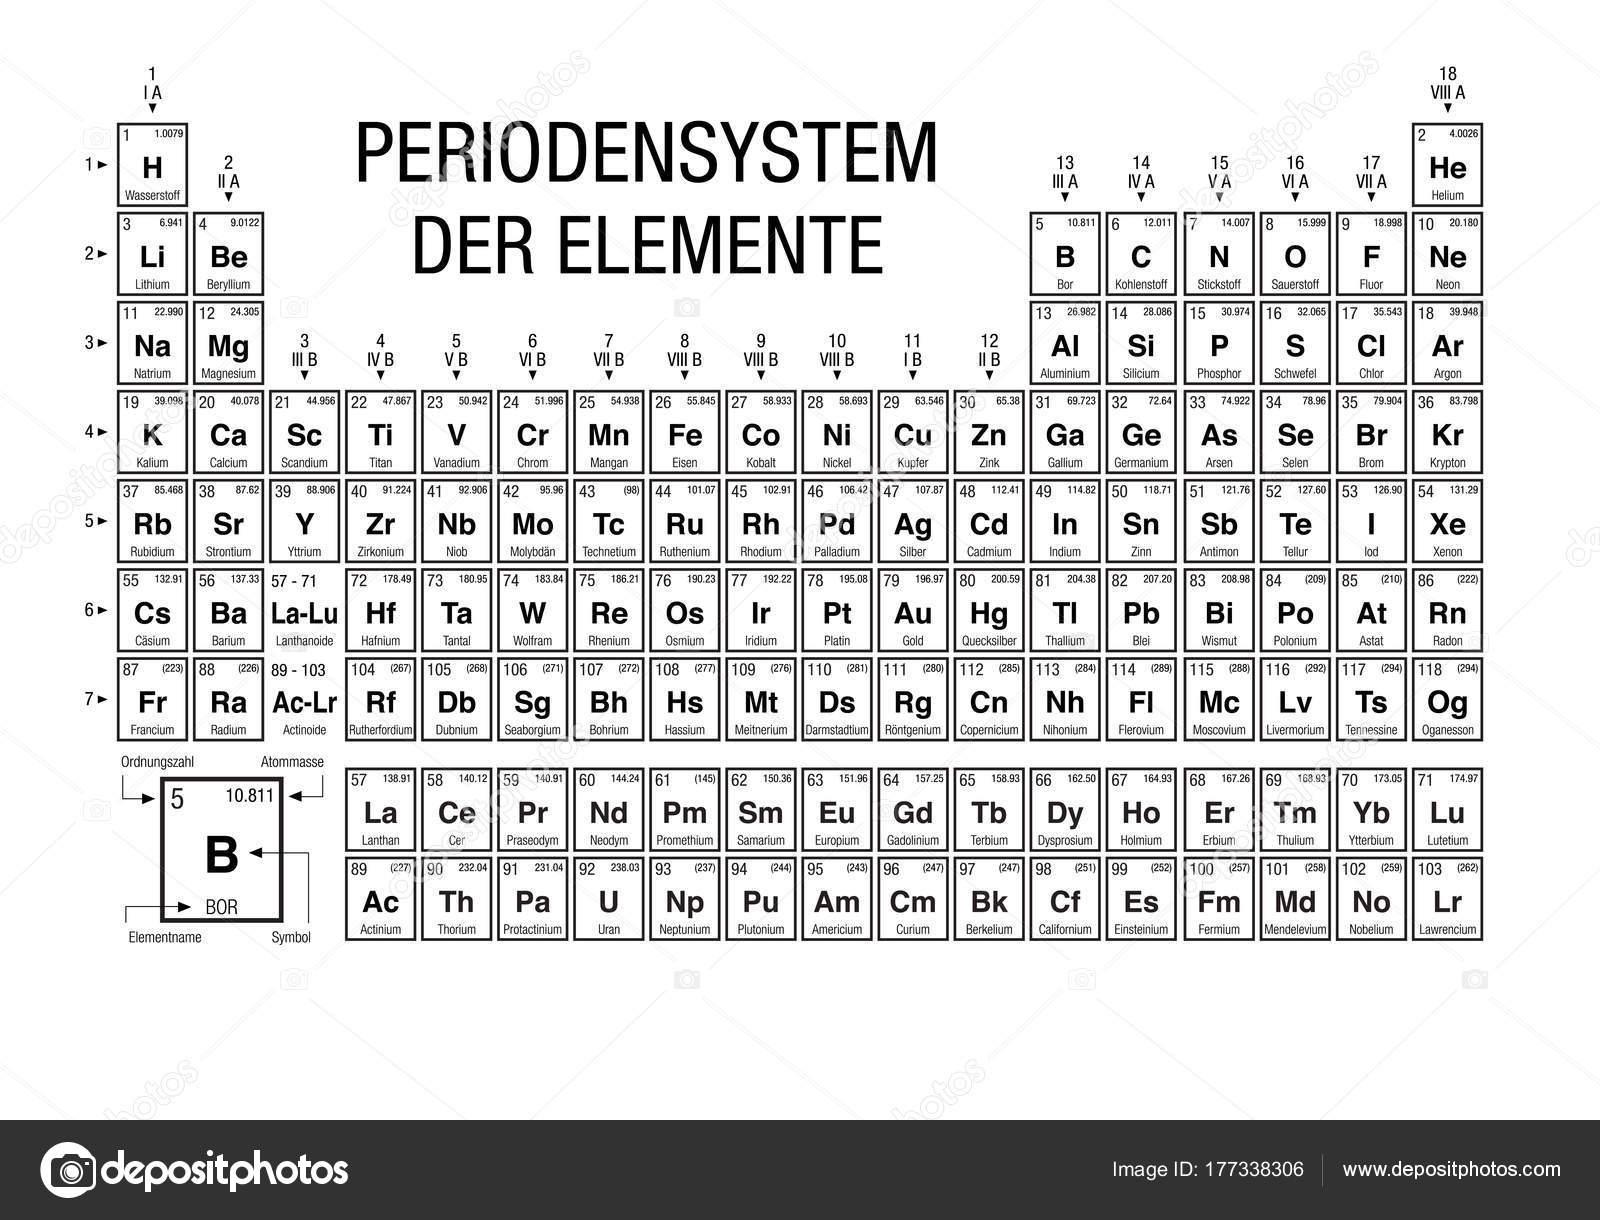 Periodensystem der elemente tabla peridica los elementos idioma periodensystem der elemente tabla peridica de los elementos en idioma alemn blanco y negro con los 4 nuevos elementos incluidos en 28 de noviembre de urtaz Images